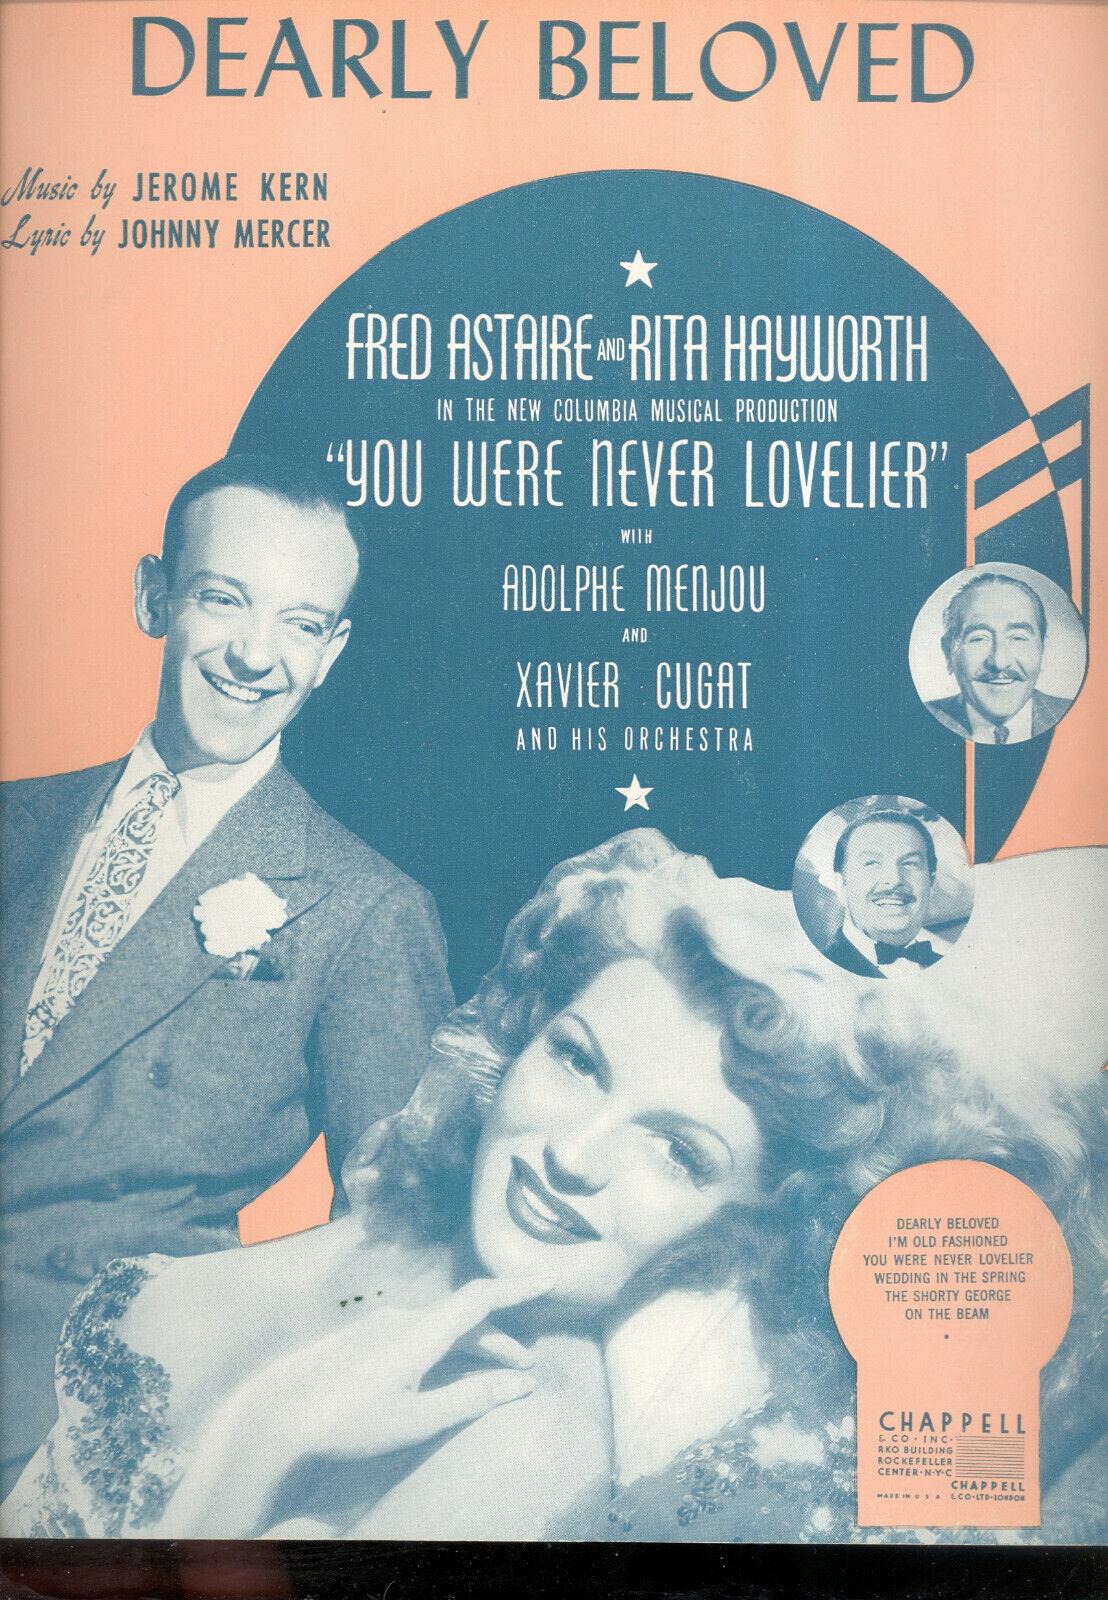 Usted nunca fueron más más más bella partituras  queridos  Rita Hayworth Frojo Astaire  gran venta